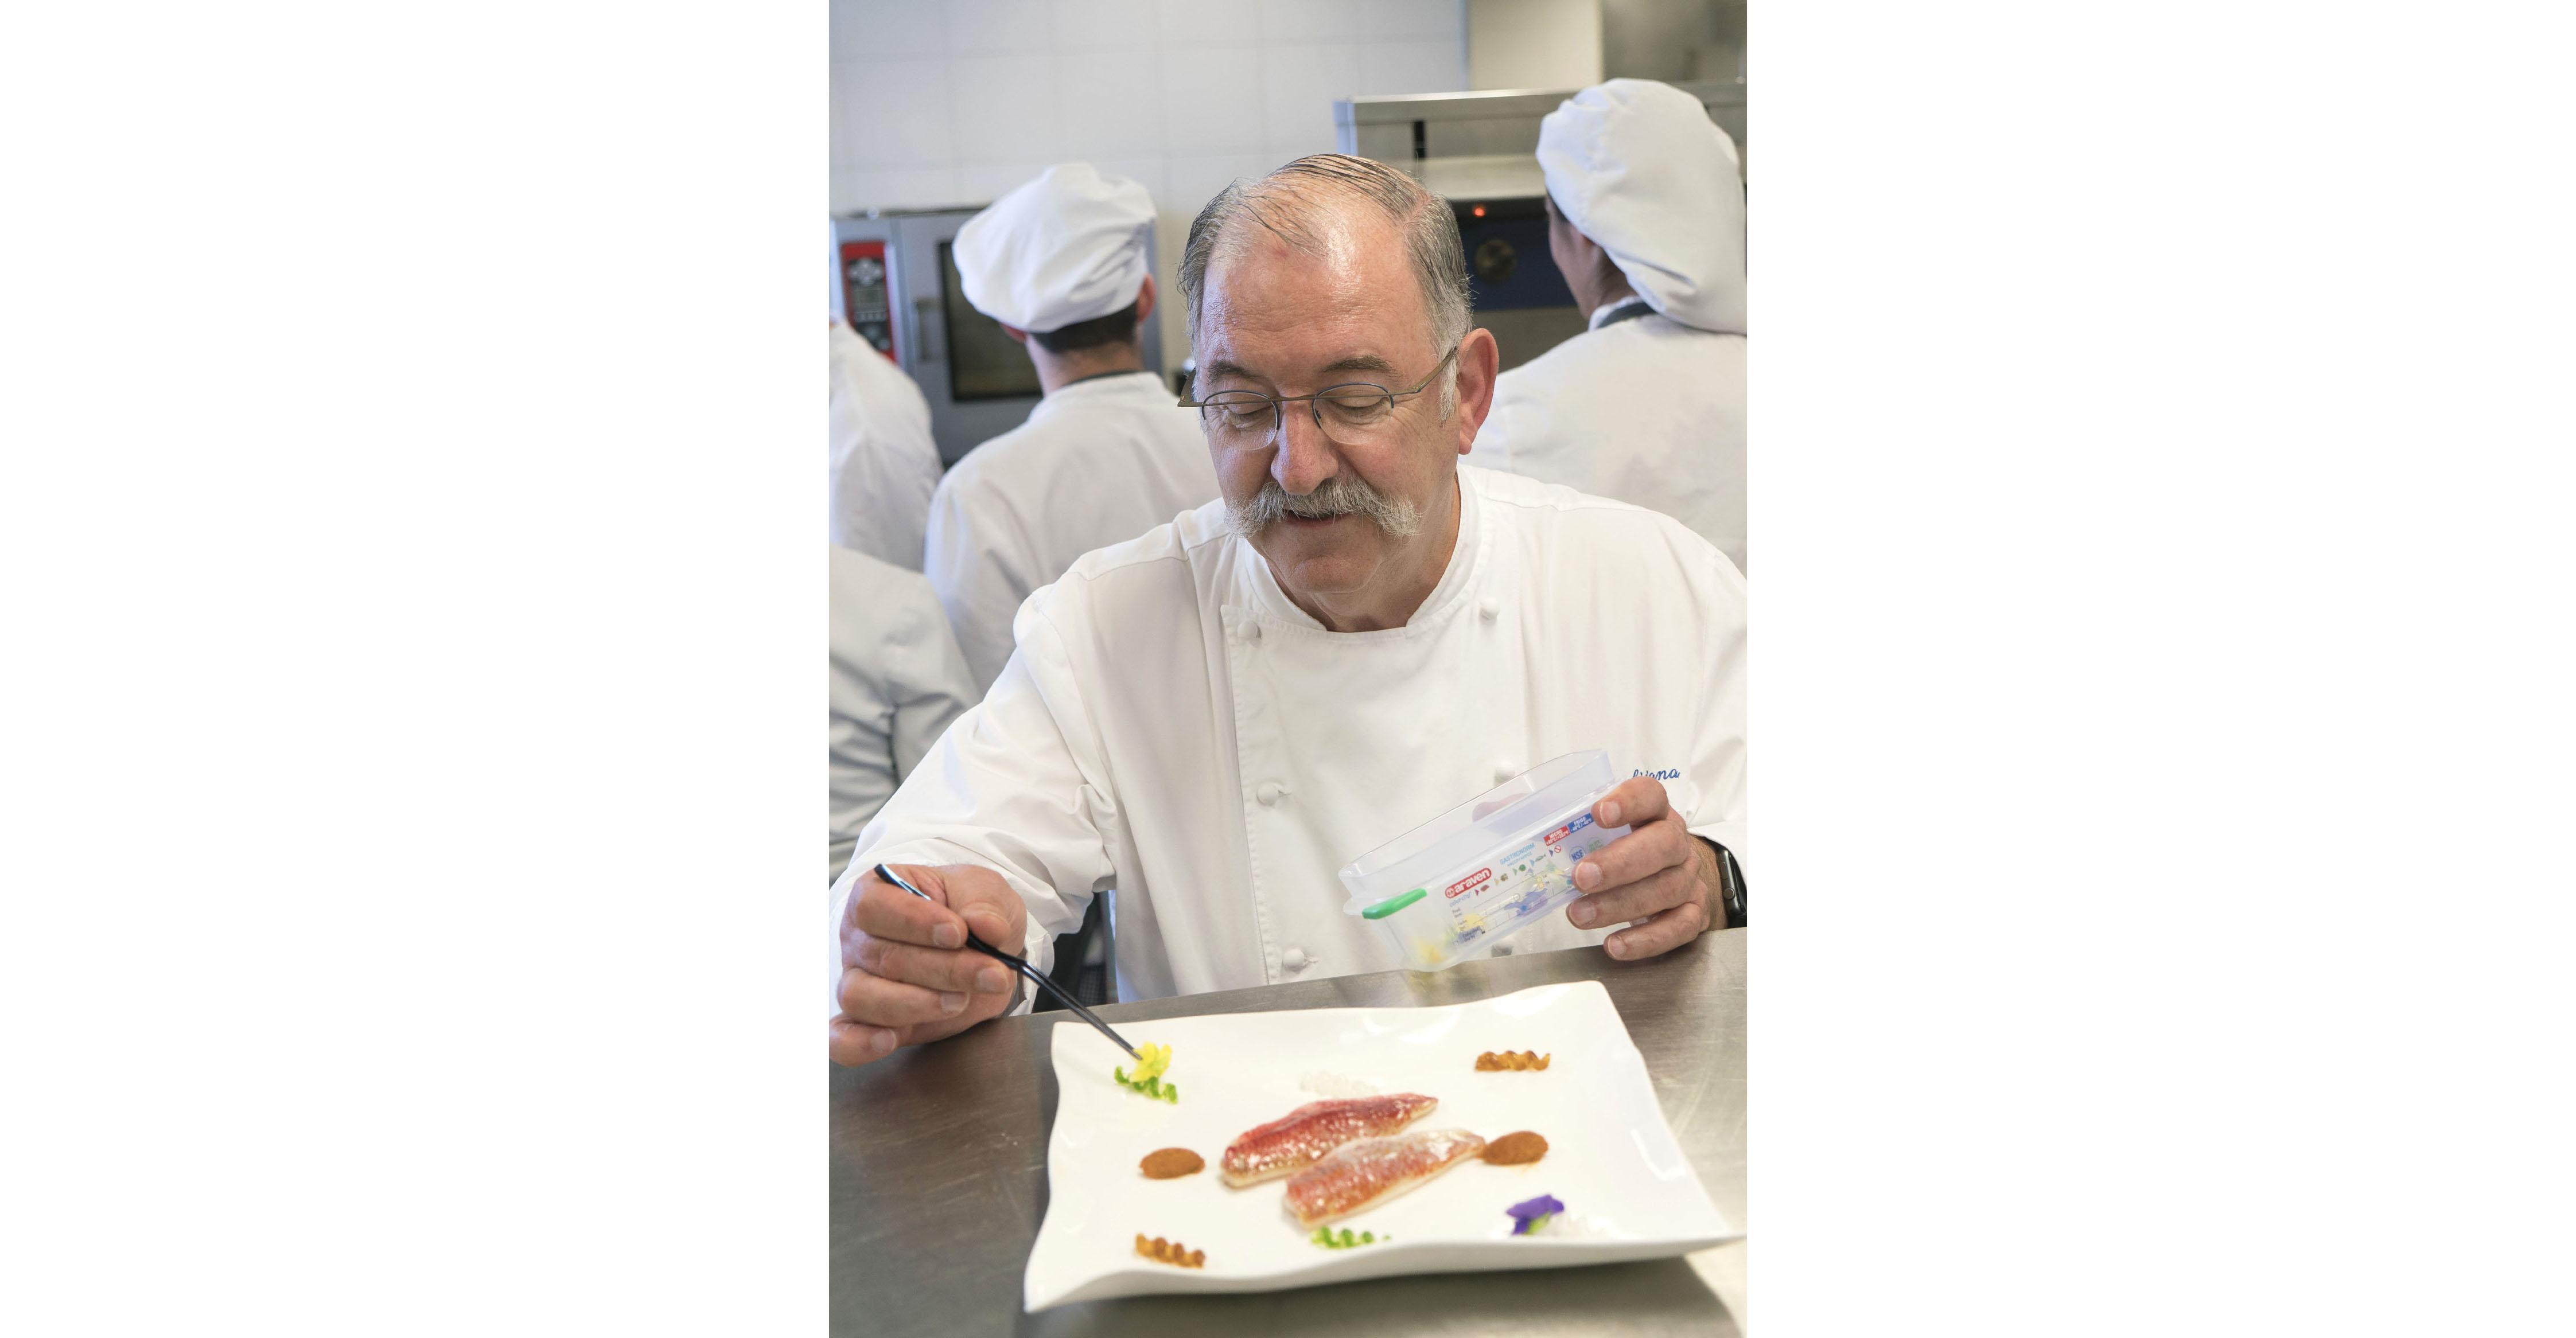 Los productos de araven elegidos por los mejores chefs for Articulos de chef